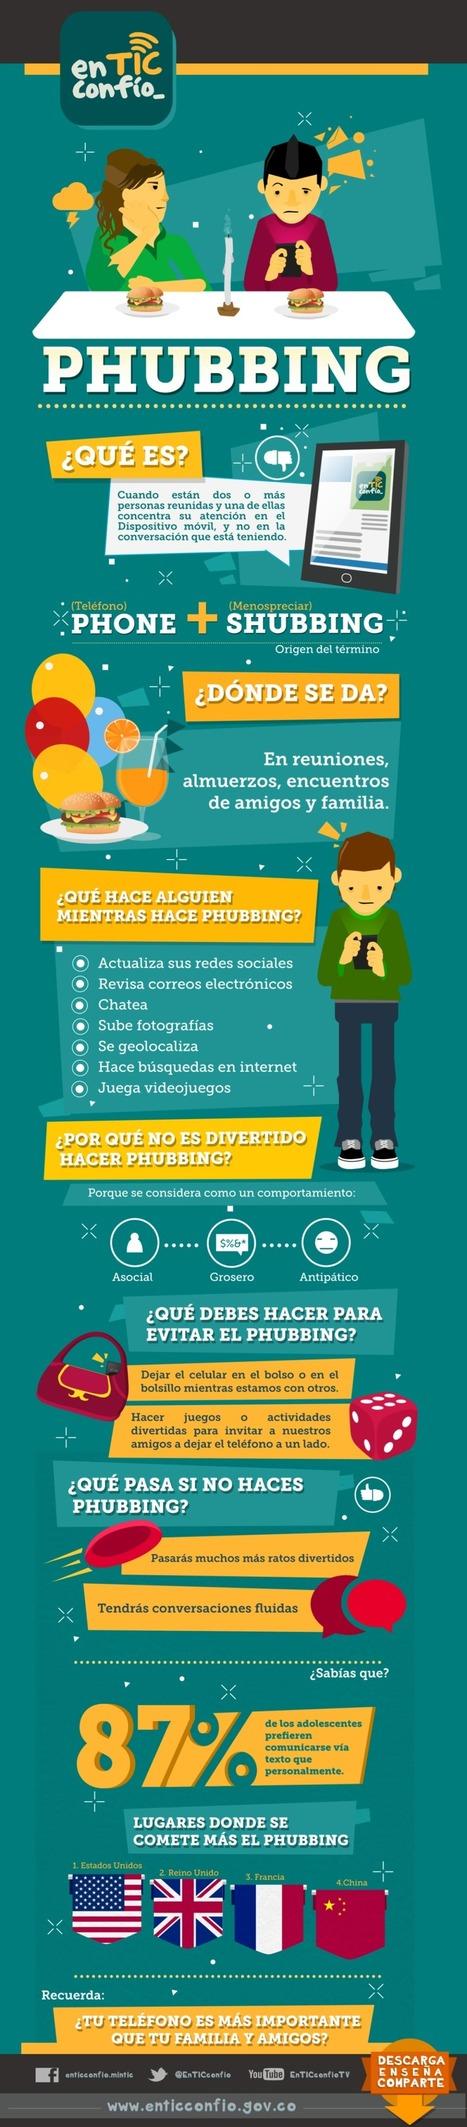 ¿Sabes que es el phubbing? #infografia #infographic   Redes sociales en educación 3.0   Scoop.it